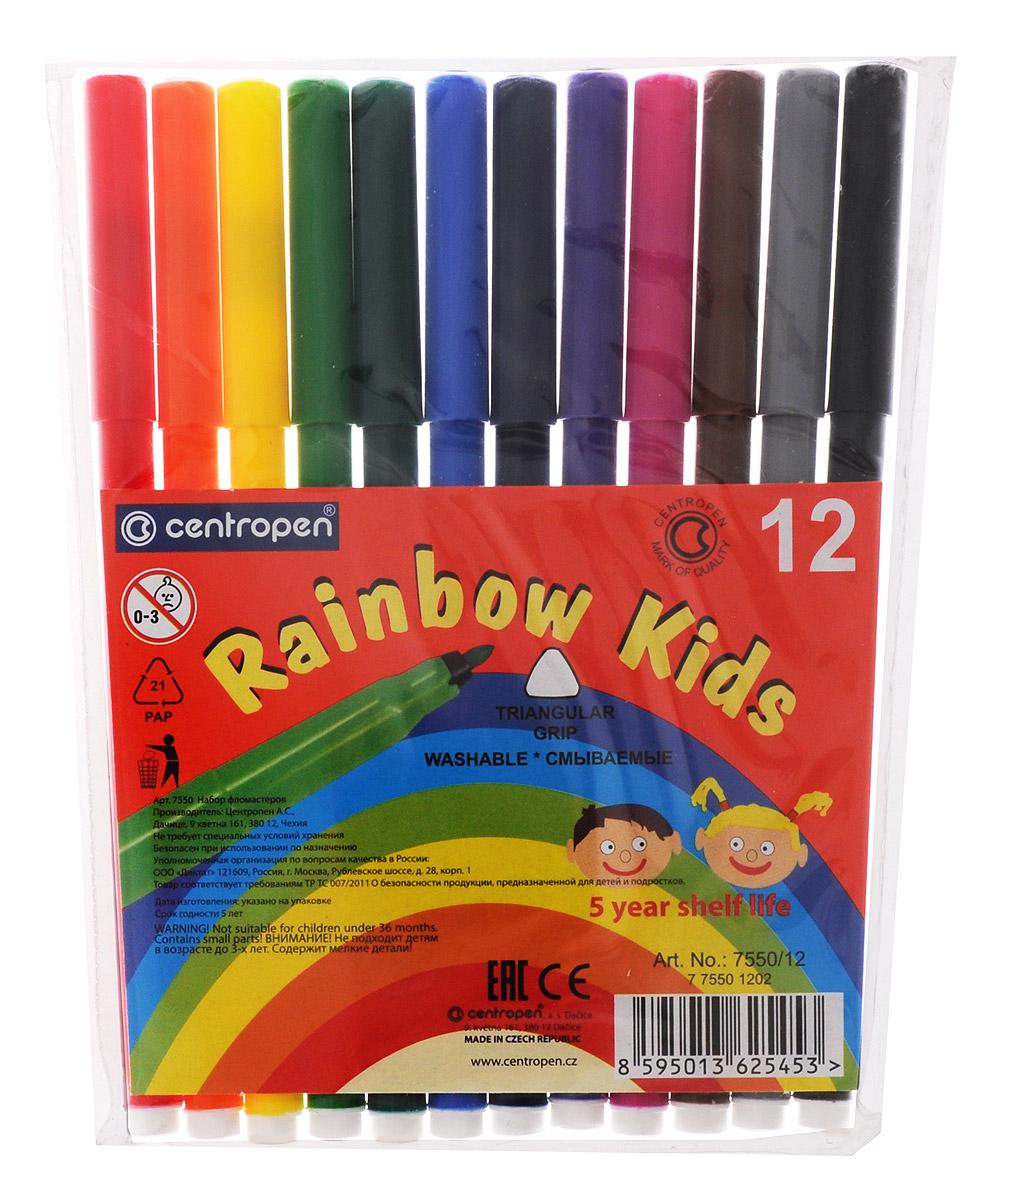 Centropen Набор фломастеров Rainbow Kids 12 цветов7550/12Цветные смываемые фломастеры Rainbow Kids от Centropen всегда помогут вашему маленькому художнику во всех его творческих начинаниях. Фломастеры оснащены вентилируемым колпачком, поэтому сохраняют свои свойства, не высыхая, минимум 3 года. Эргономичная треугольная зона обхвата корпуса позволяет использовать их с большим комфортом. Цилиндрический пишущий узел достаточно устойчив к вдавливанию. Фломастеры легко смываются с рук даже холодной водой и очень легко отстирываются. Набор состоит из 12 разноцветных фломастеров. Рекомендуемый возраст: от 3-х лет.